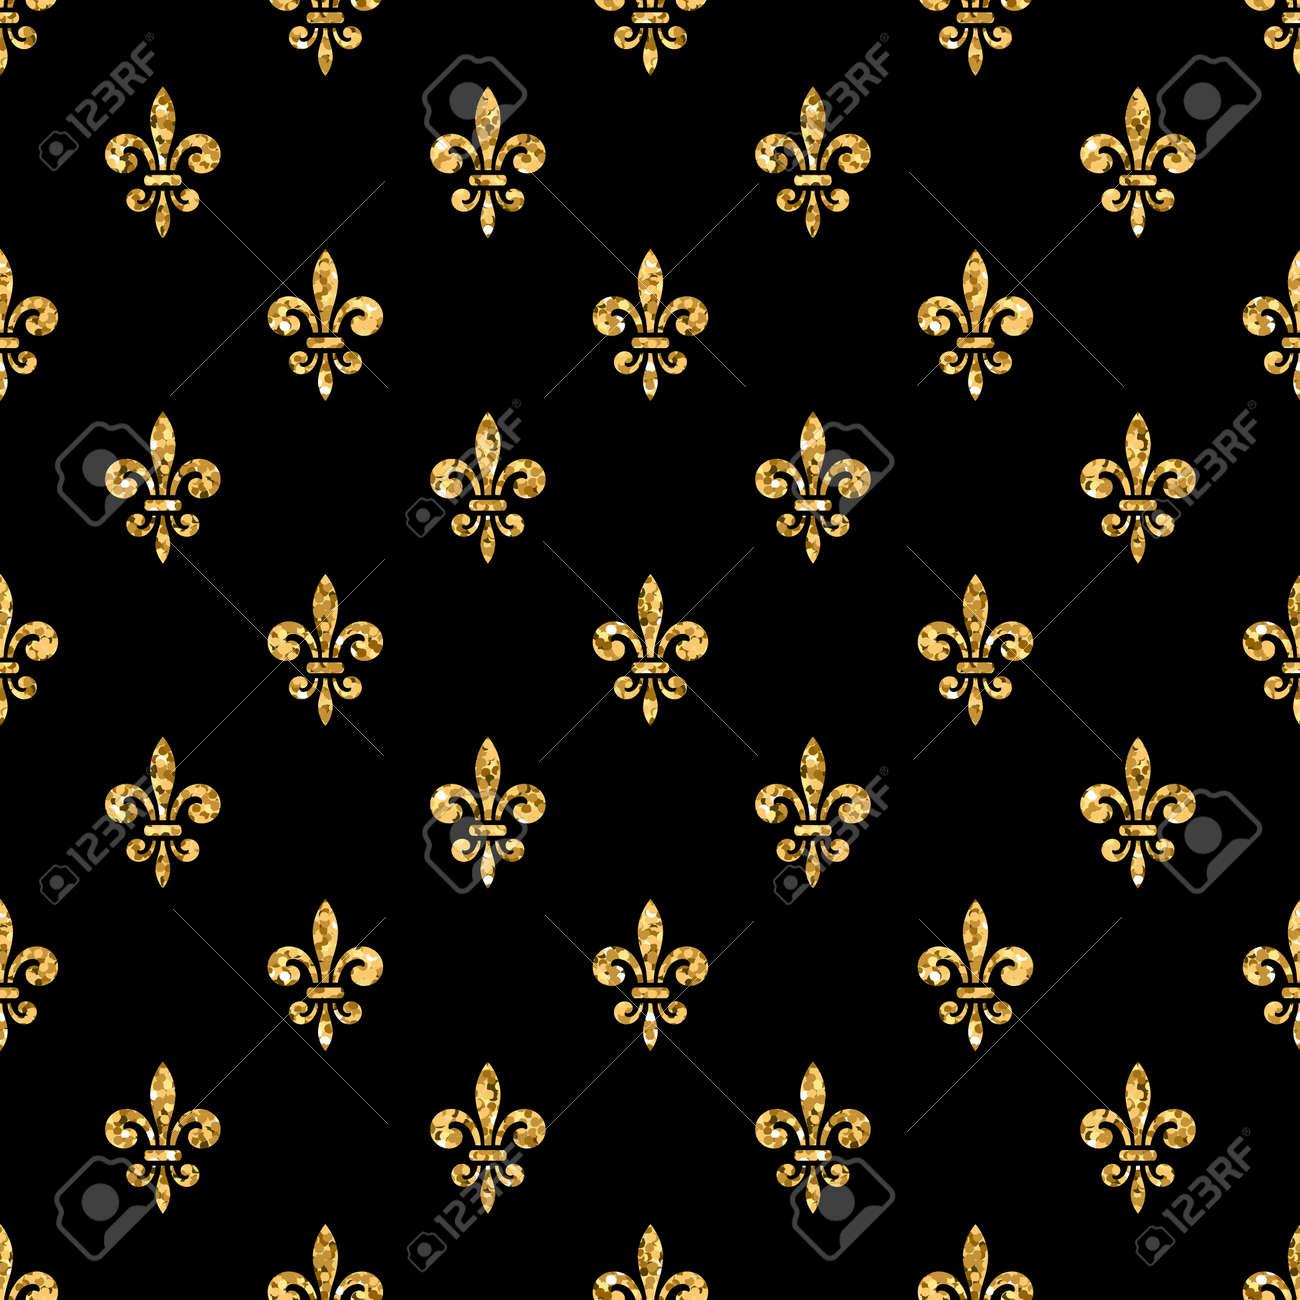 Or Fleur De Lis Seamless Paillettes D Or Et Le Modele Noir Texture